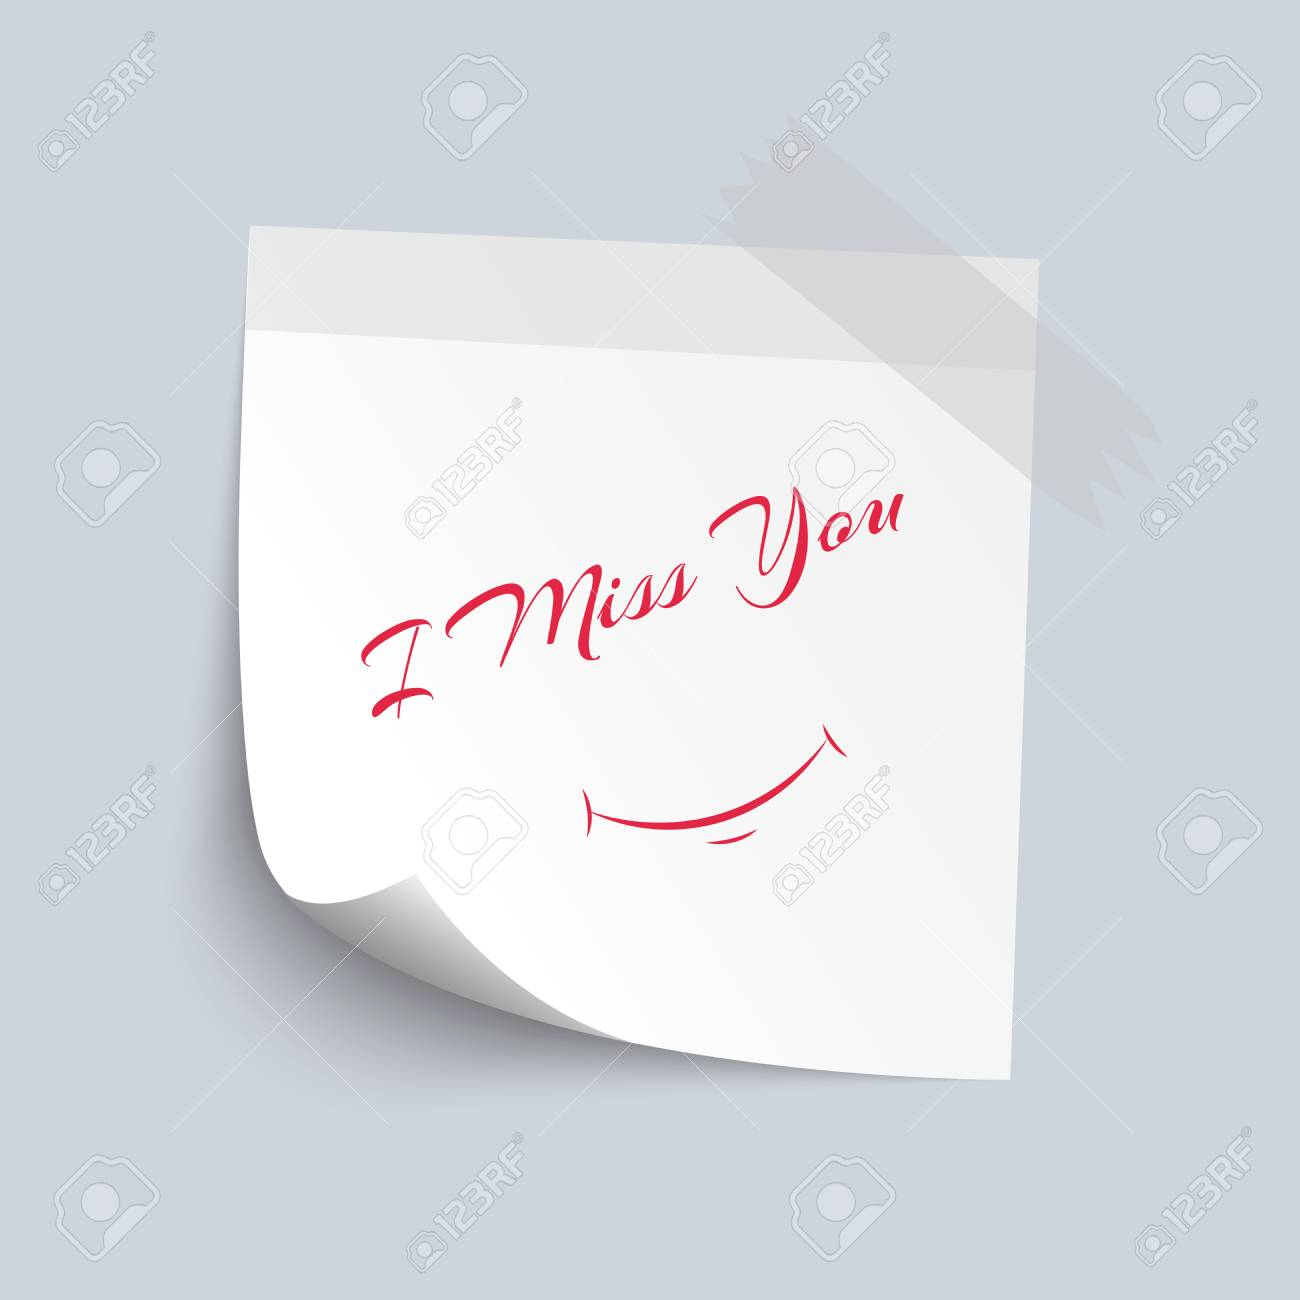 Papier Blanc De Pense Bête Avec Tu Me Manques Isoler Texte Couleur Rouge Sur Fond Blanc Illustration Vectorielle